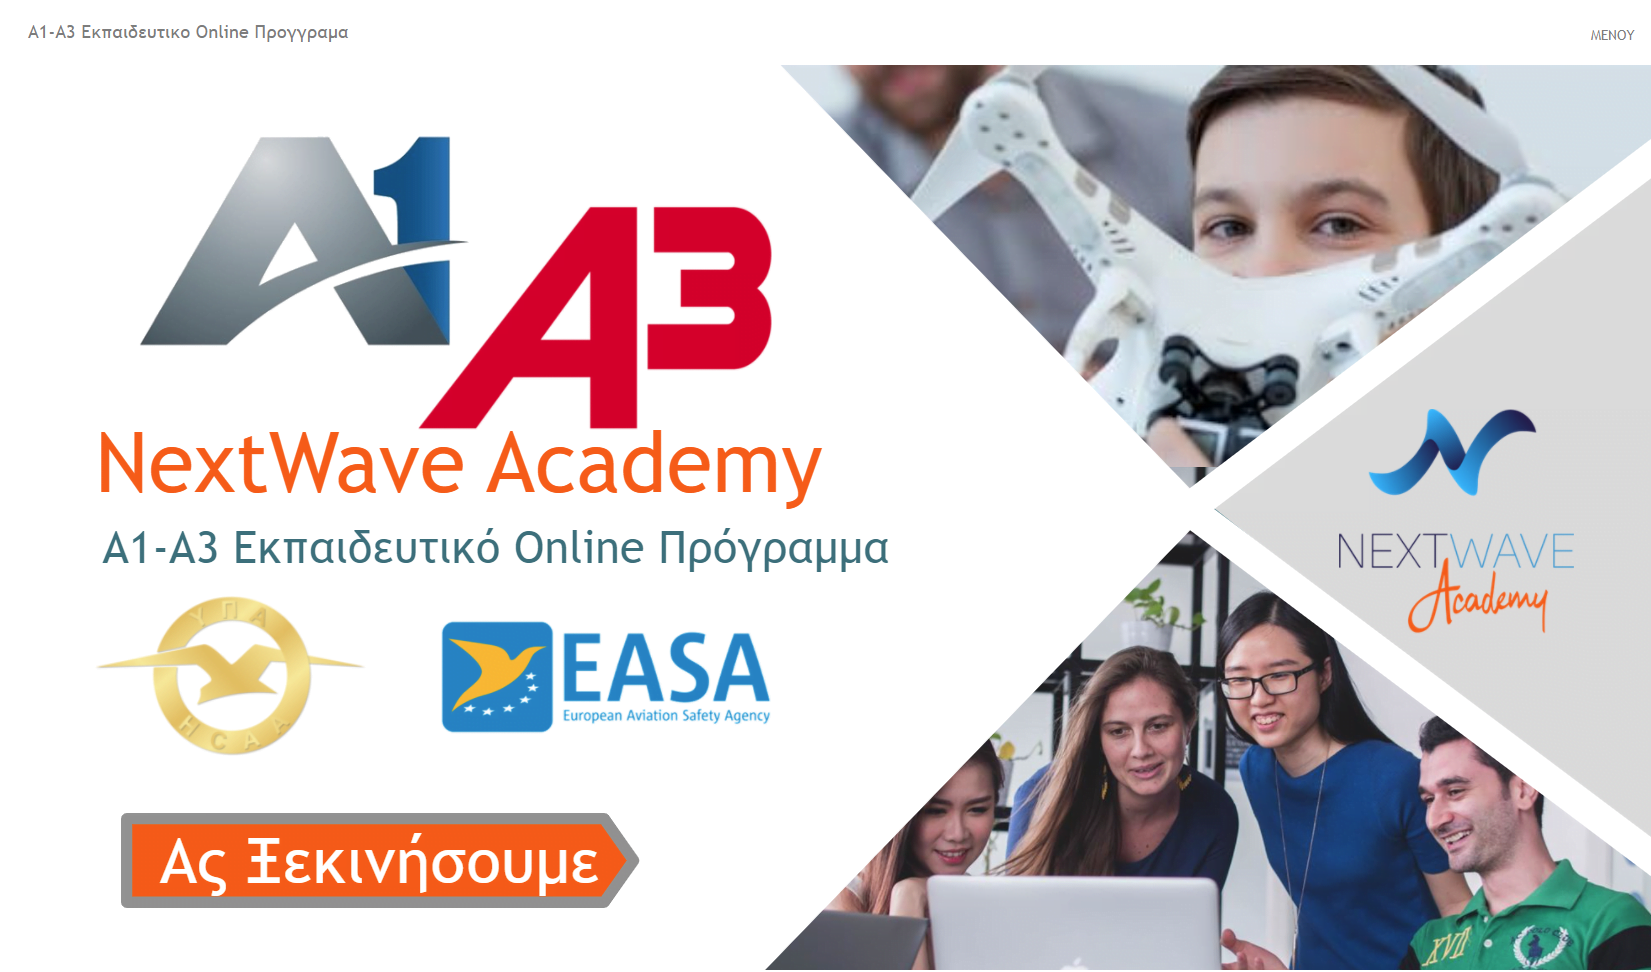 Ξεκίνησαν τα διαδικτυακά προγράμματα της NextWave Academy, της Πιστοποιημένης Σχολής Αδειούχων Χειριστών ΣμηΕΑ (drone)